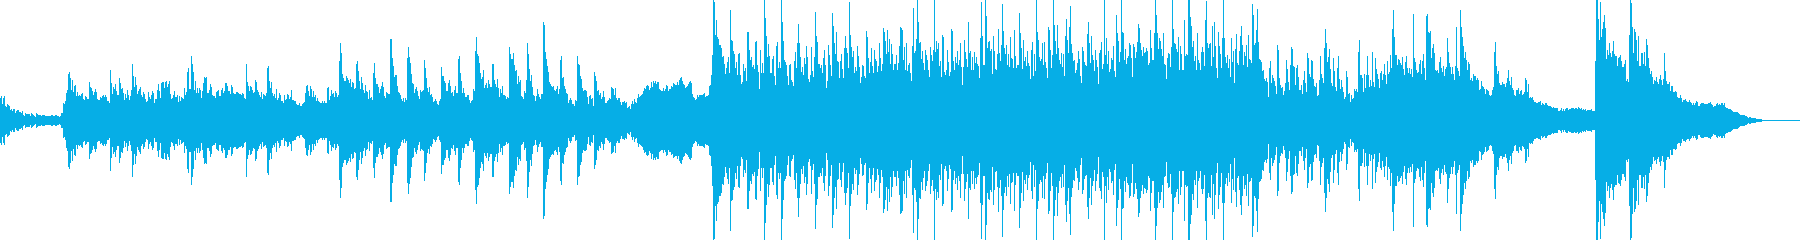 プログレッシブ 交響曲 未来 テク...の再生済みの波形